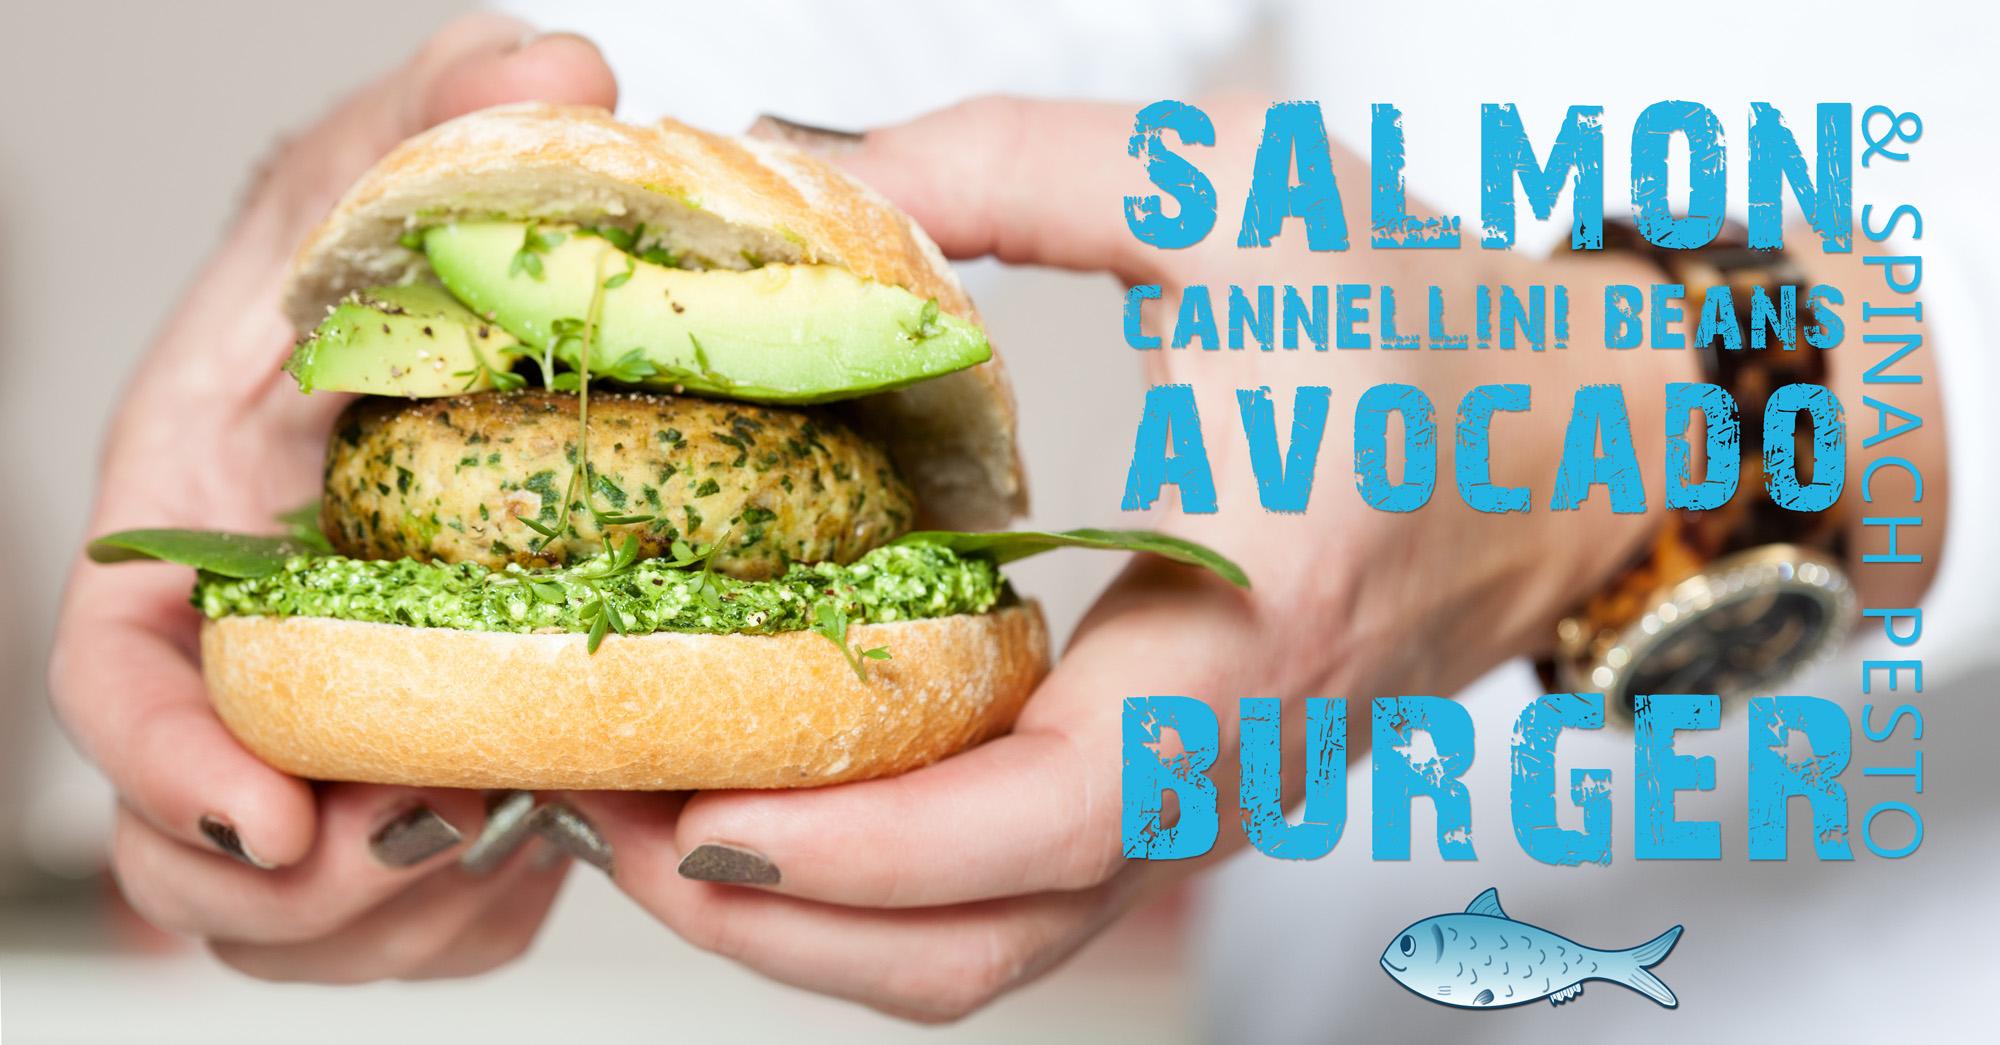 visburger van zalm met avocado en spinazie pesto